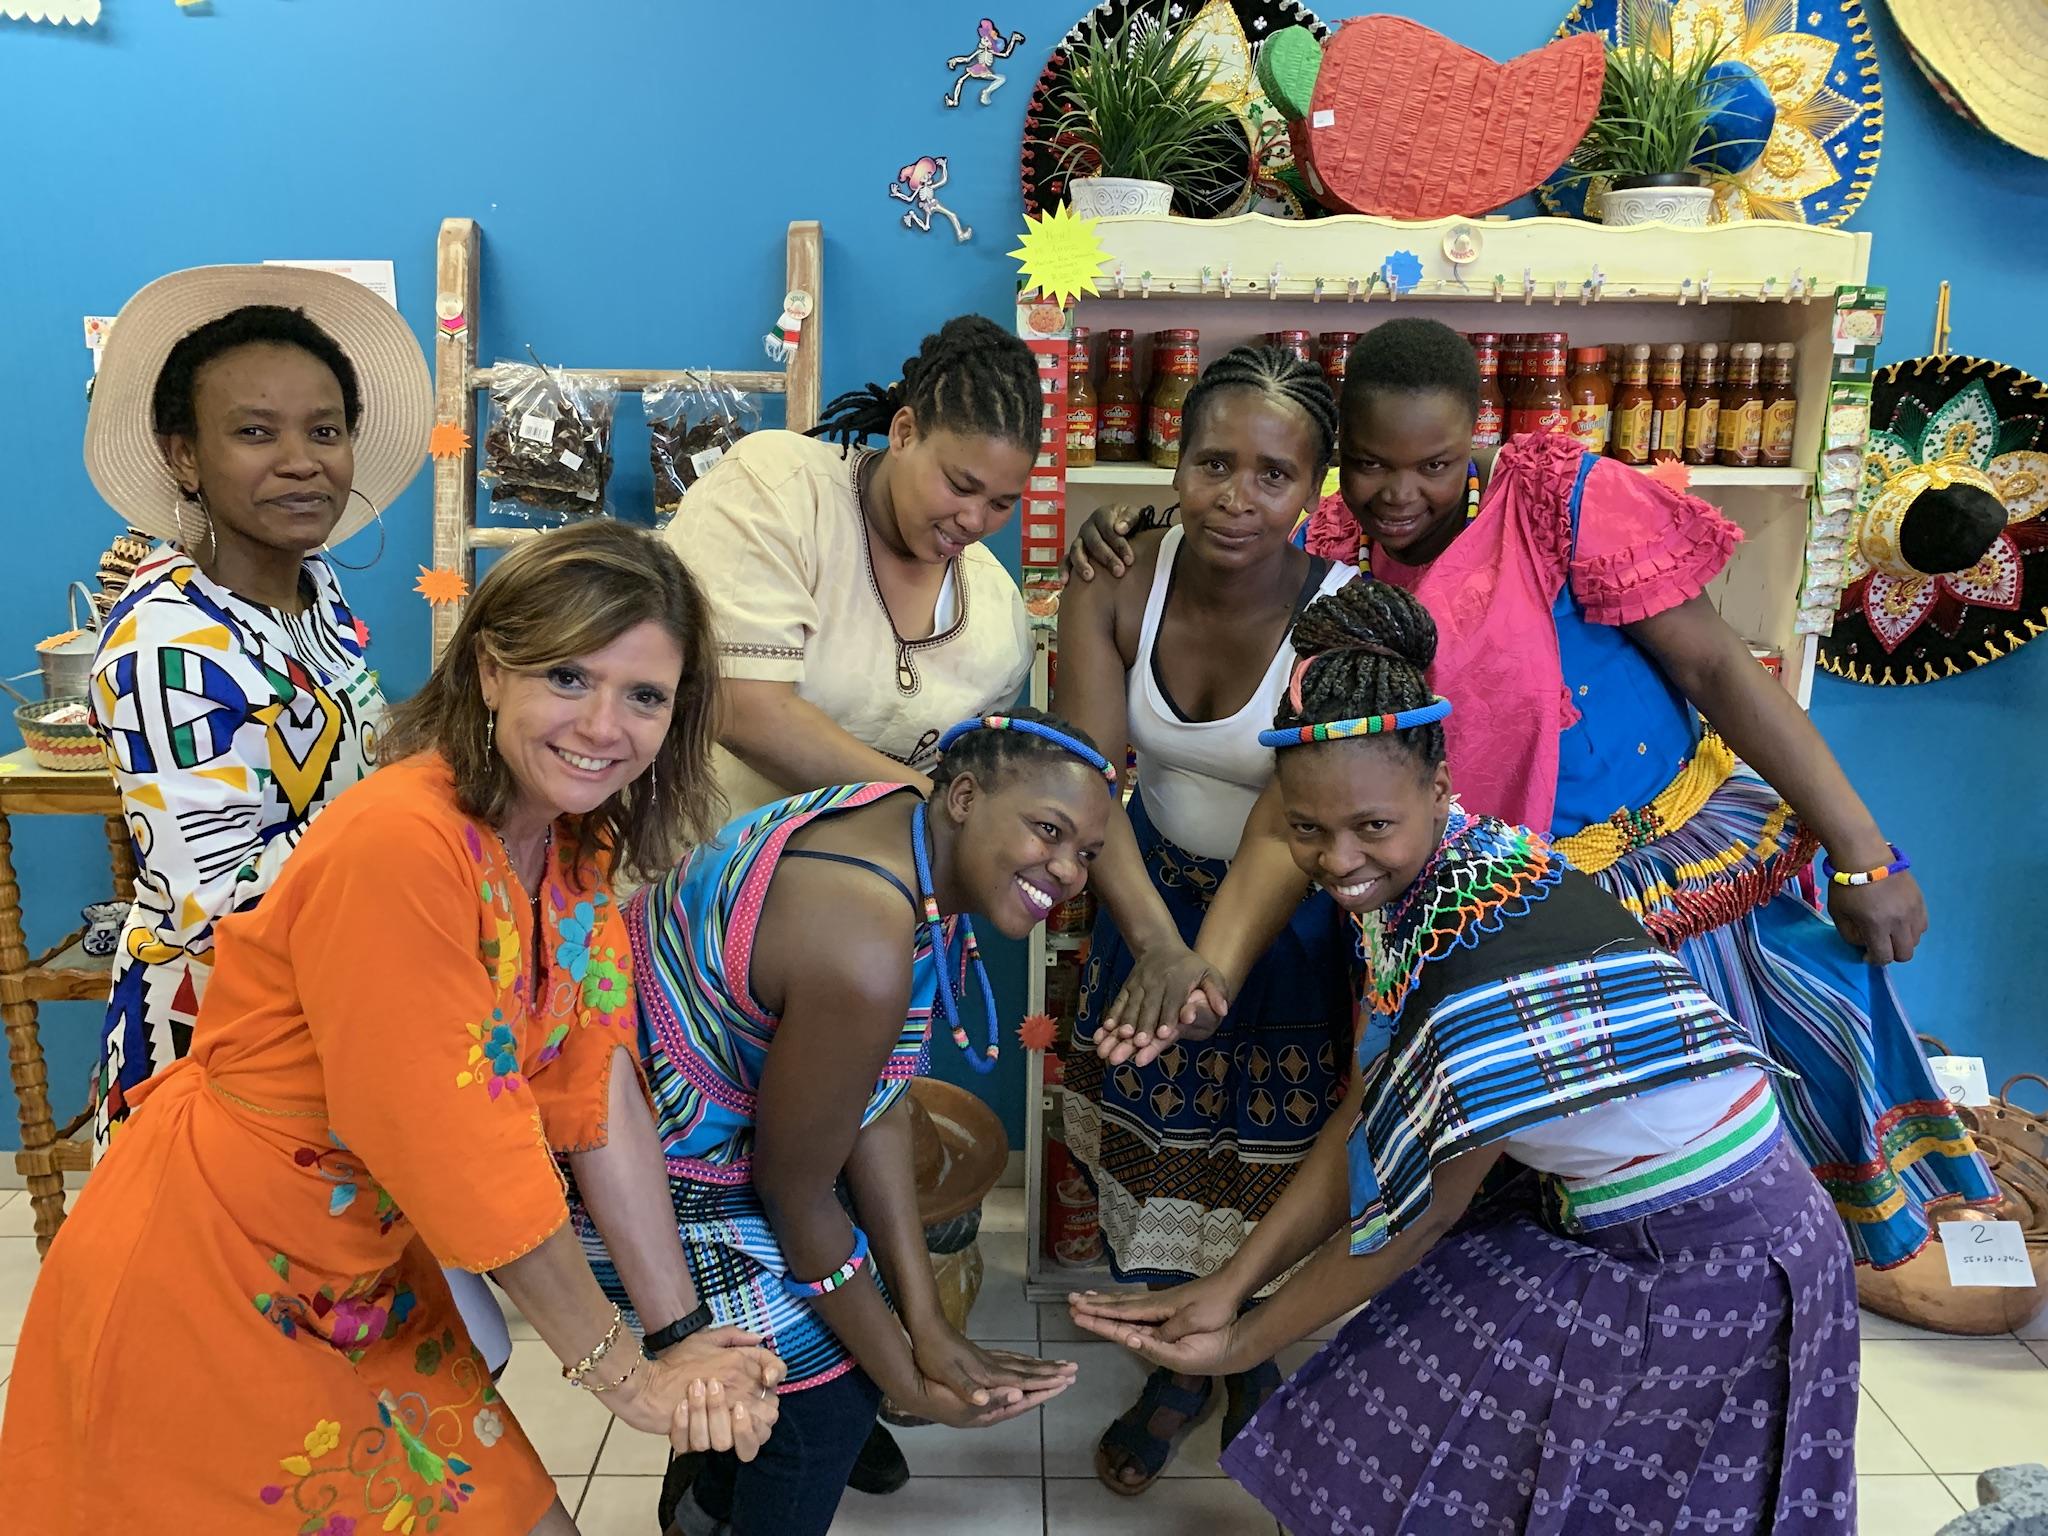 El sazón de Mexico llega a Sudafrica con Azteca Mexican Products